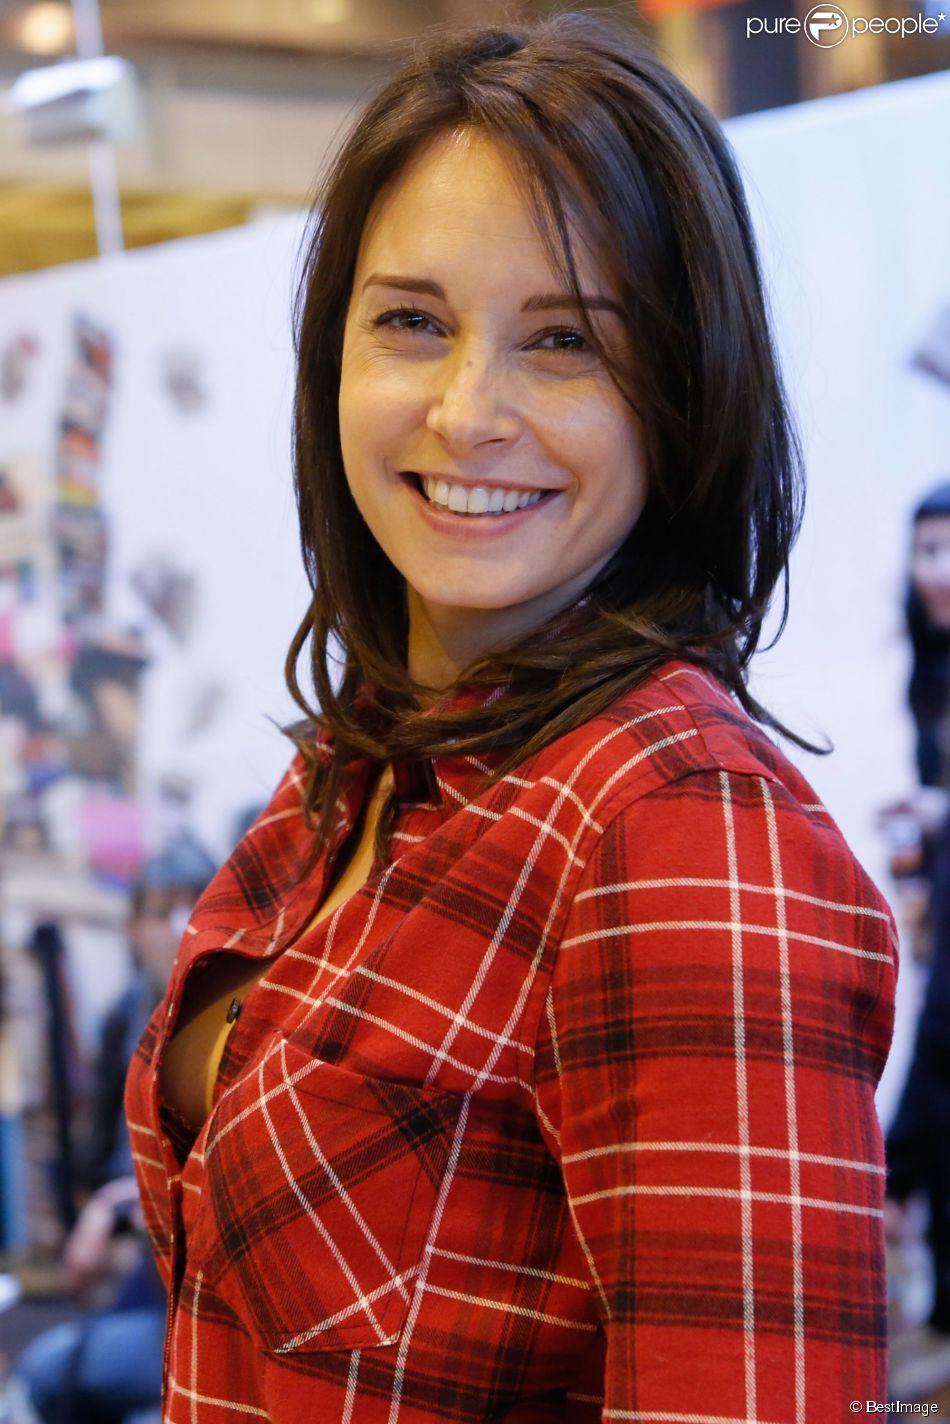 ASHLEY JUDD interview photos 2007 Redbook magazine